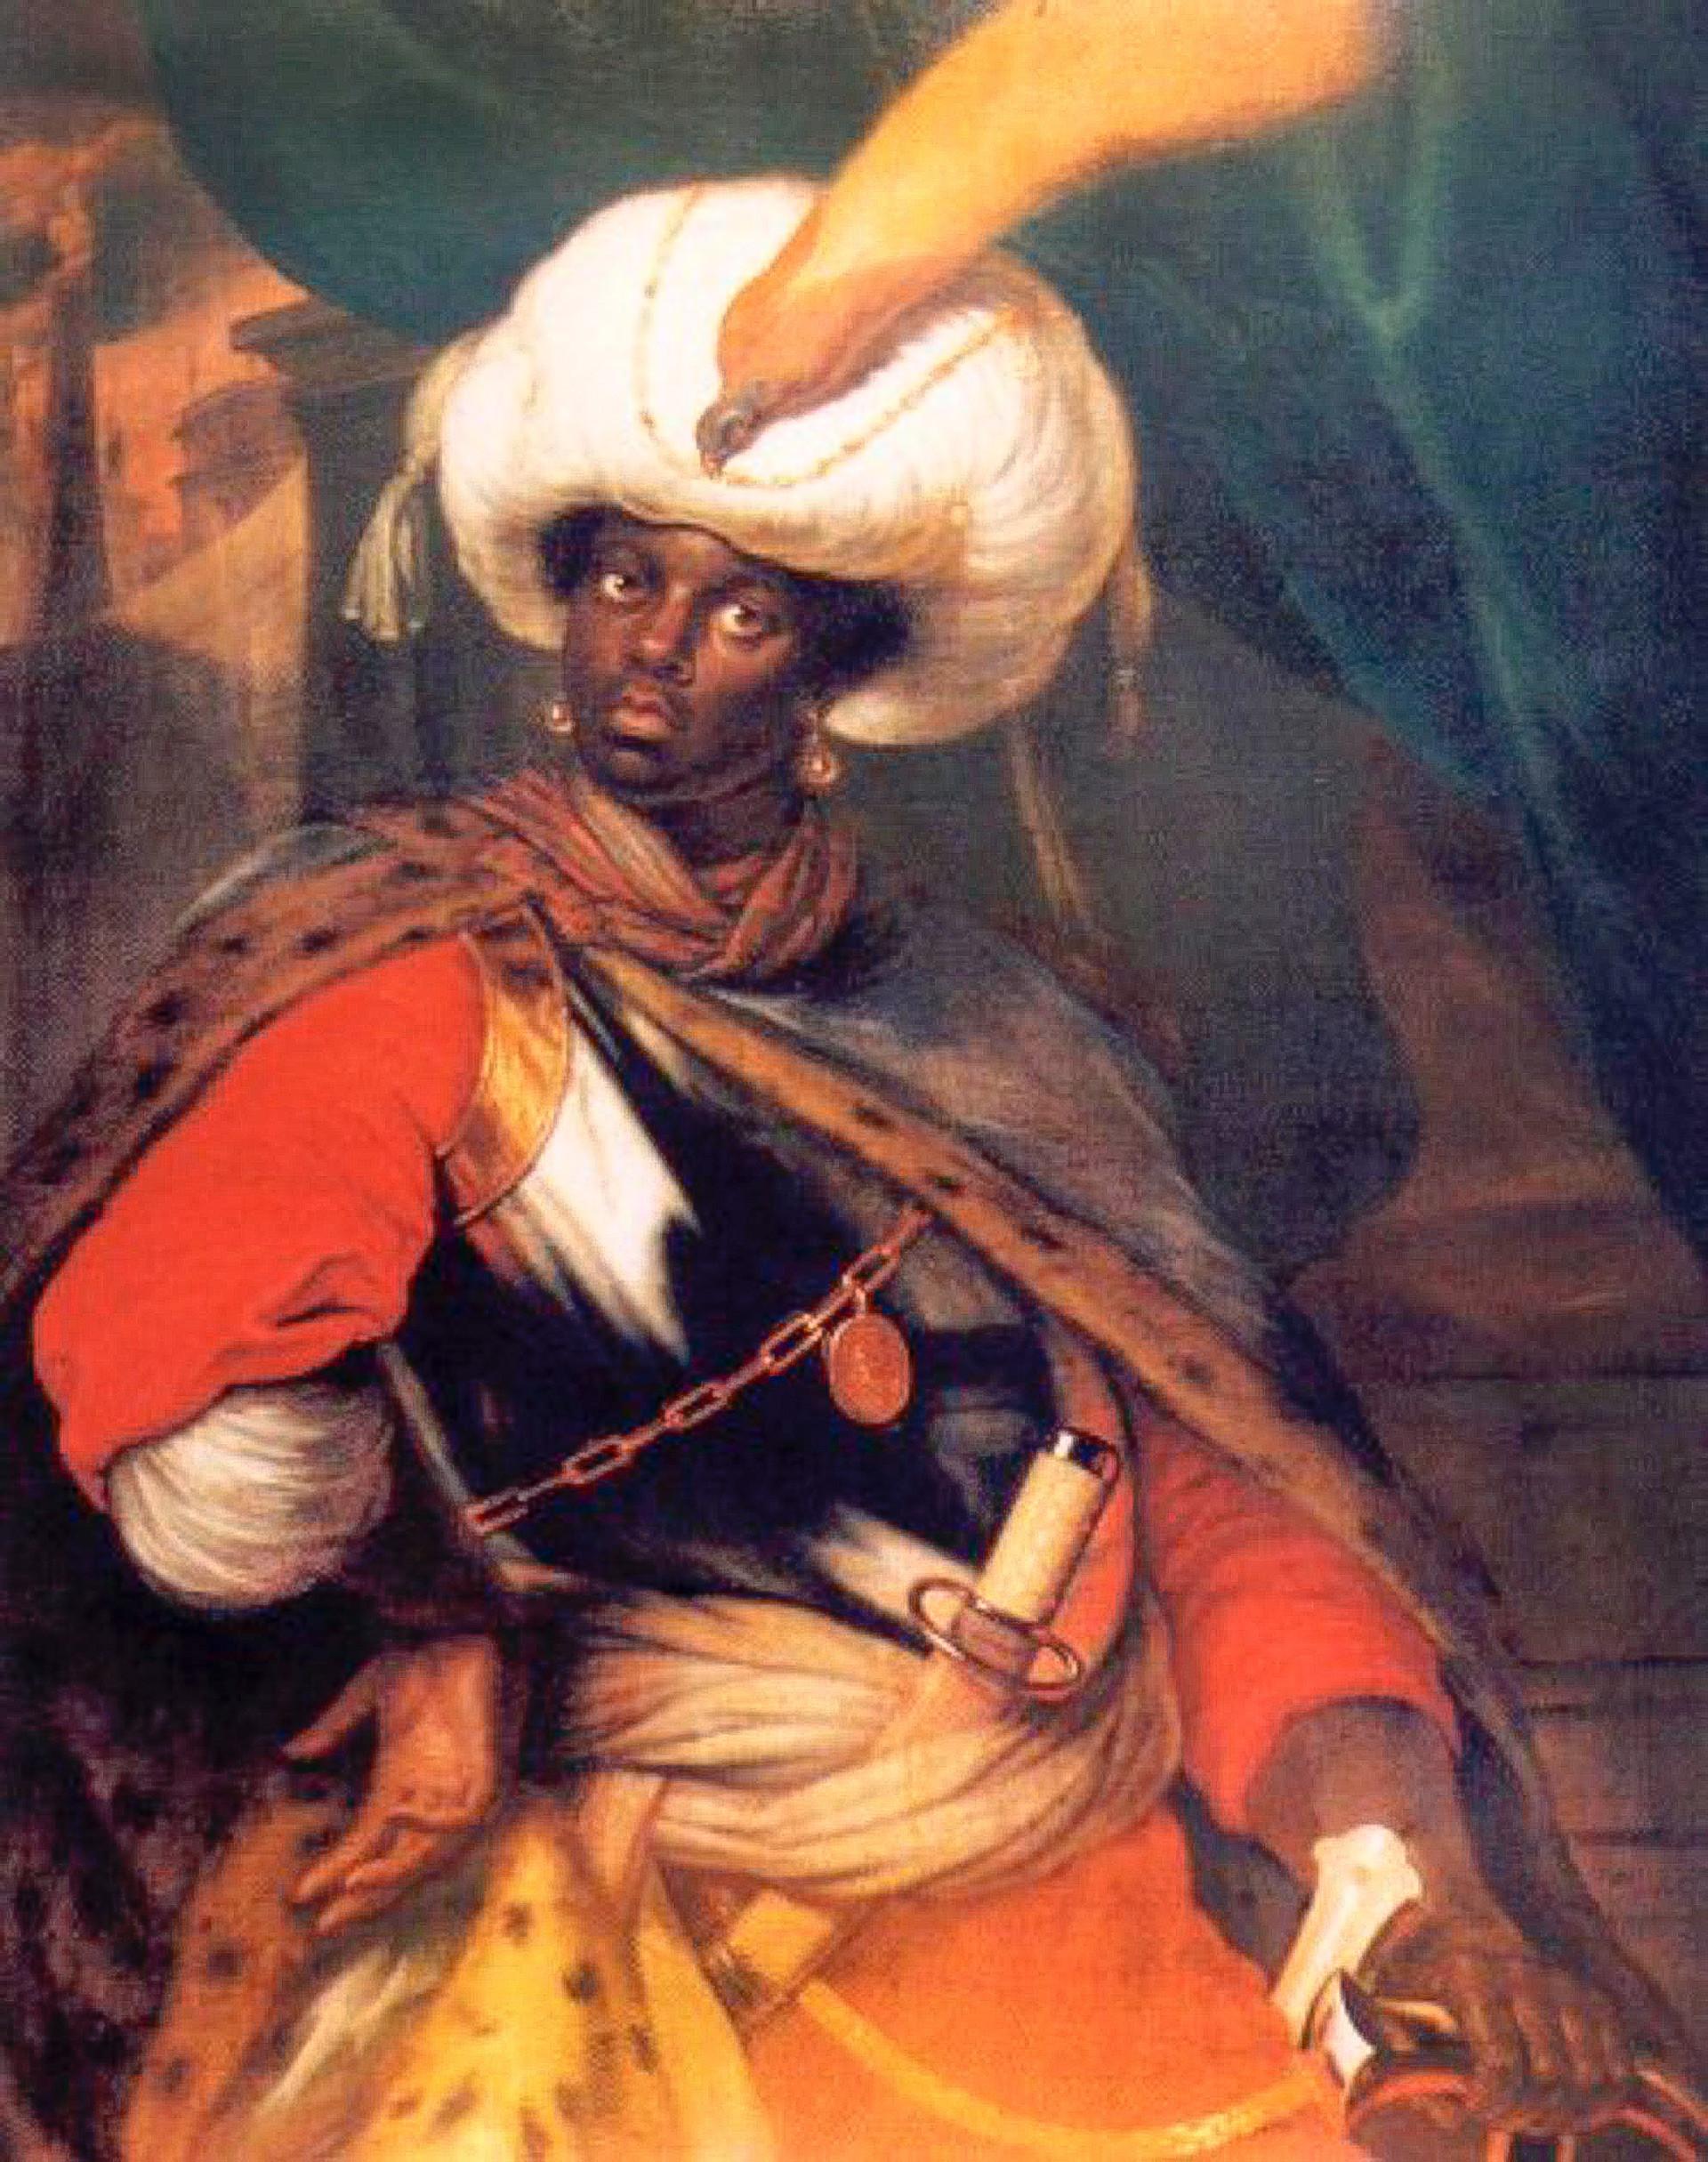 Um suposto retrato do jovem Abram Gannibal.